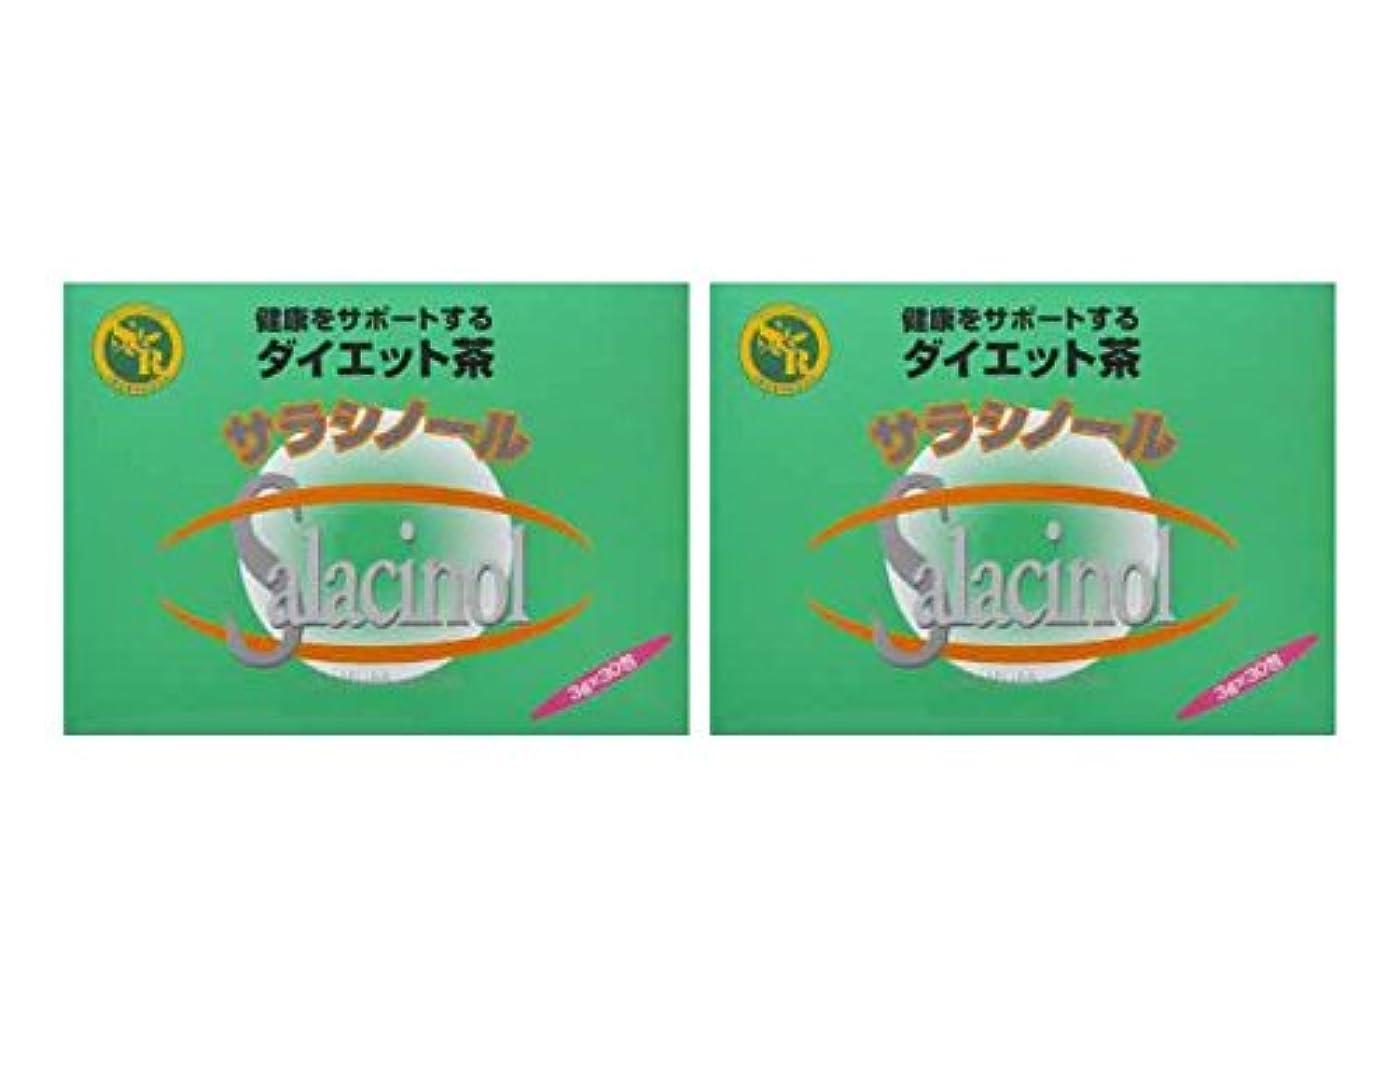 心のこもった泥棒ハウジングジャパンヘルス サラシノール茶 3g×30包×2箱セット(サラシア茶?ダイエット茶)